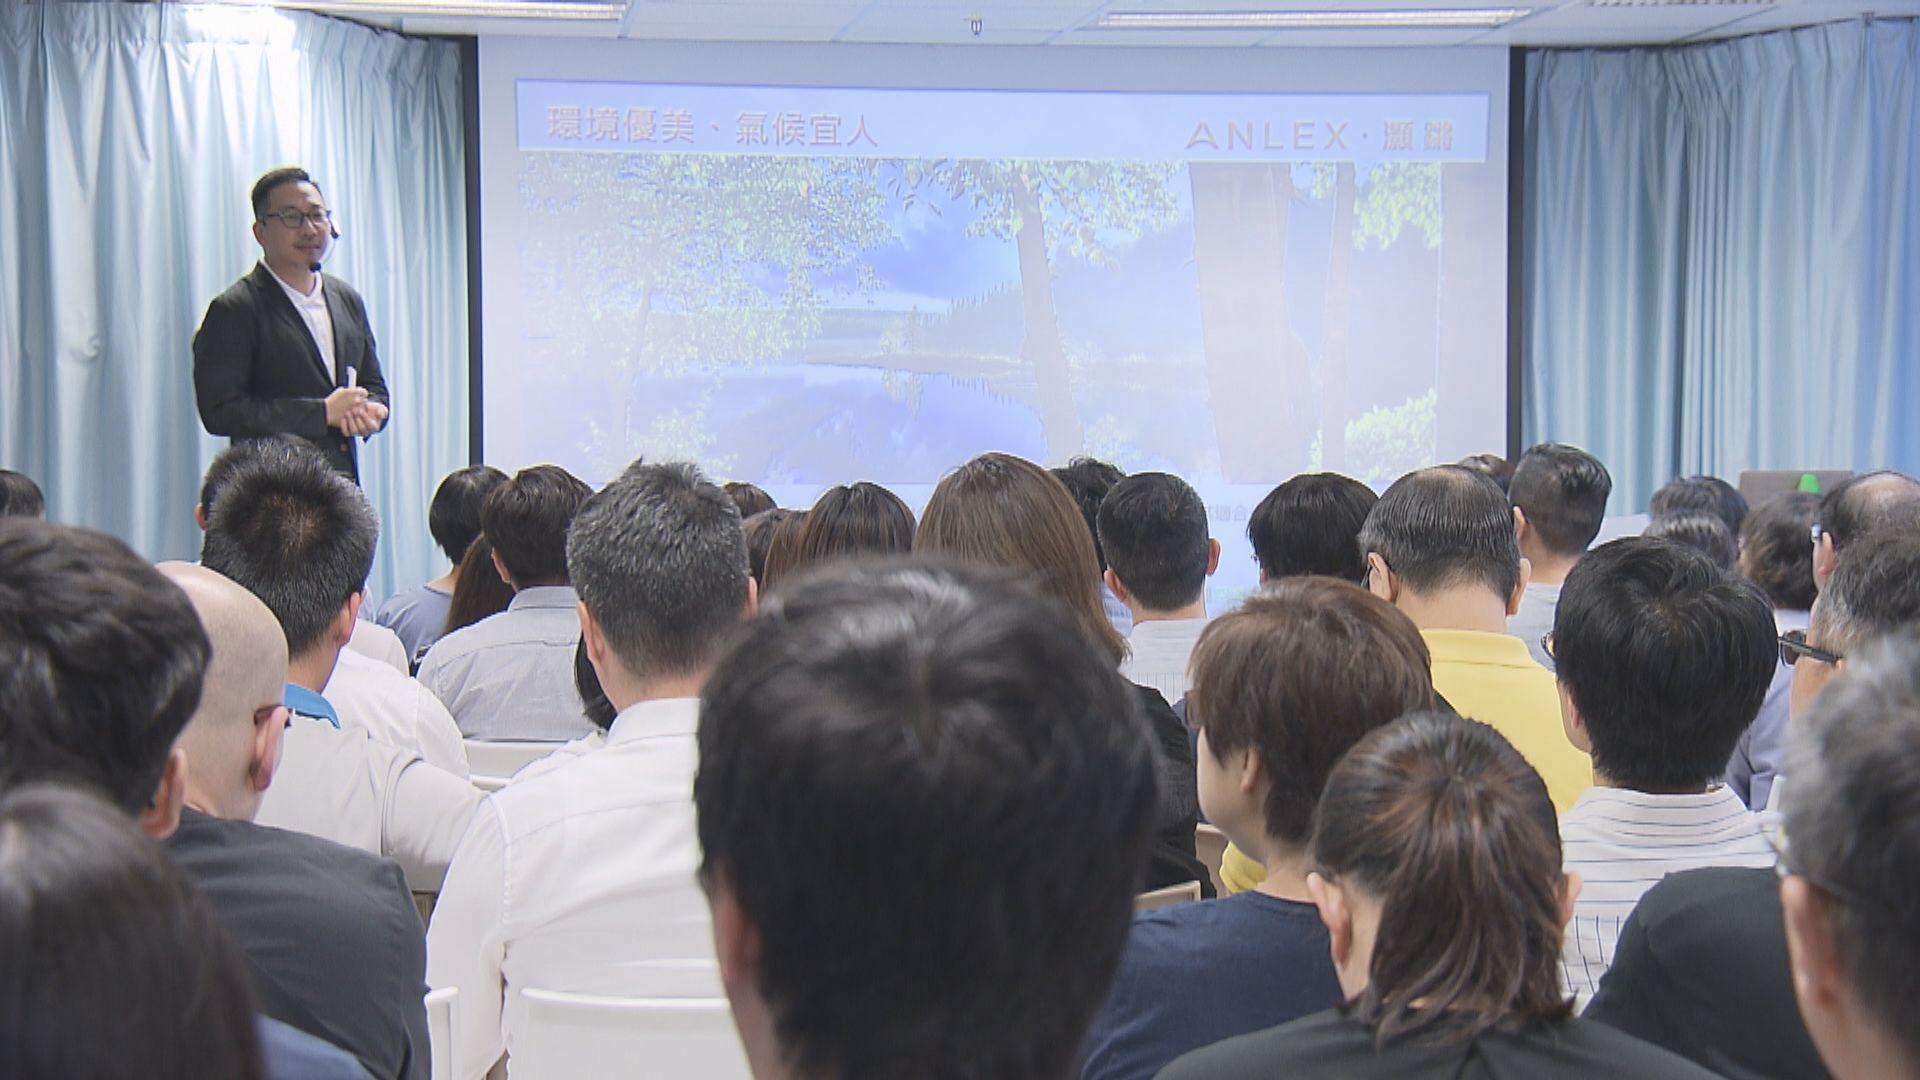 【移居他鄉】港人移民查詢增 發展商看準商機推盤